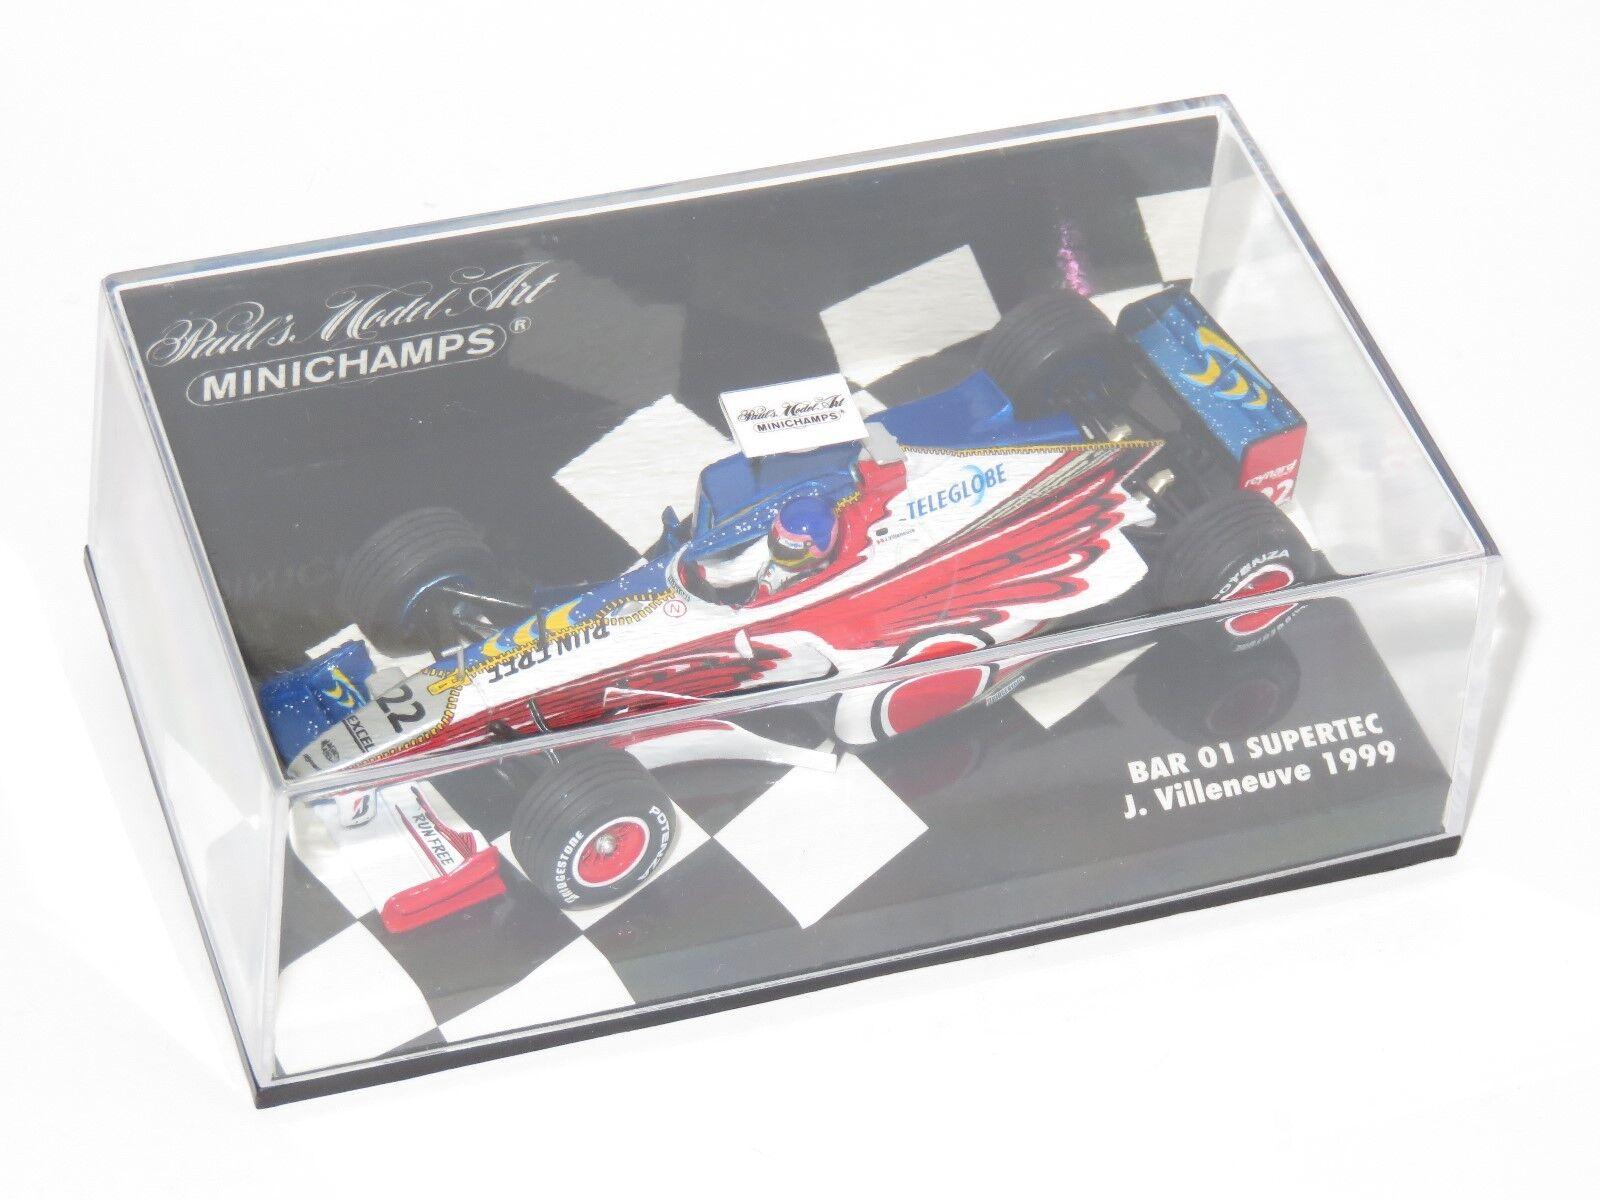 1 43 BAR 01 Supertec J.Villeneuve 1999 Season    Zip Design - 2 liveries